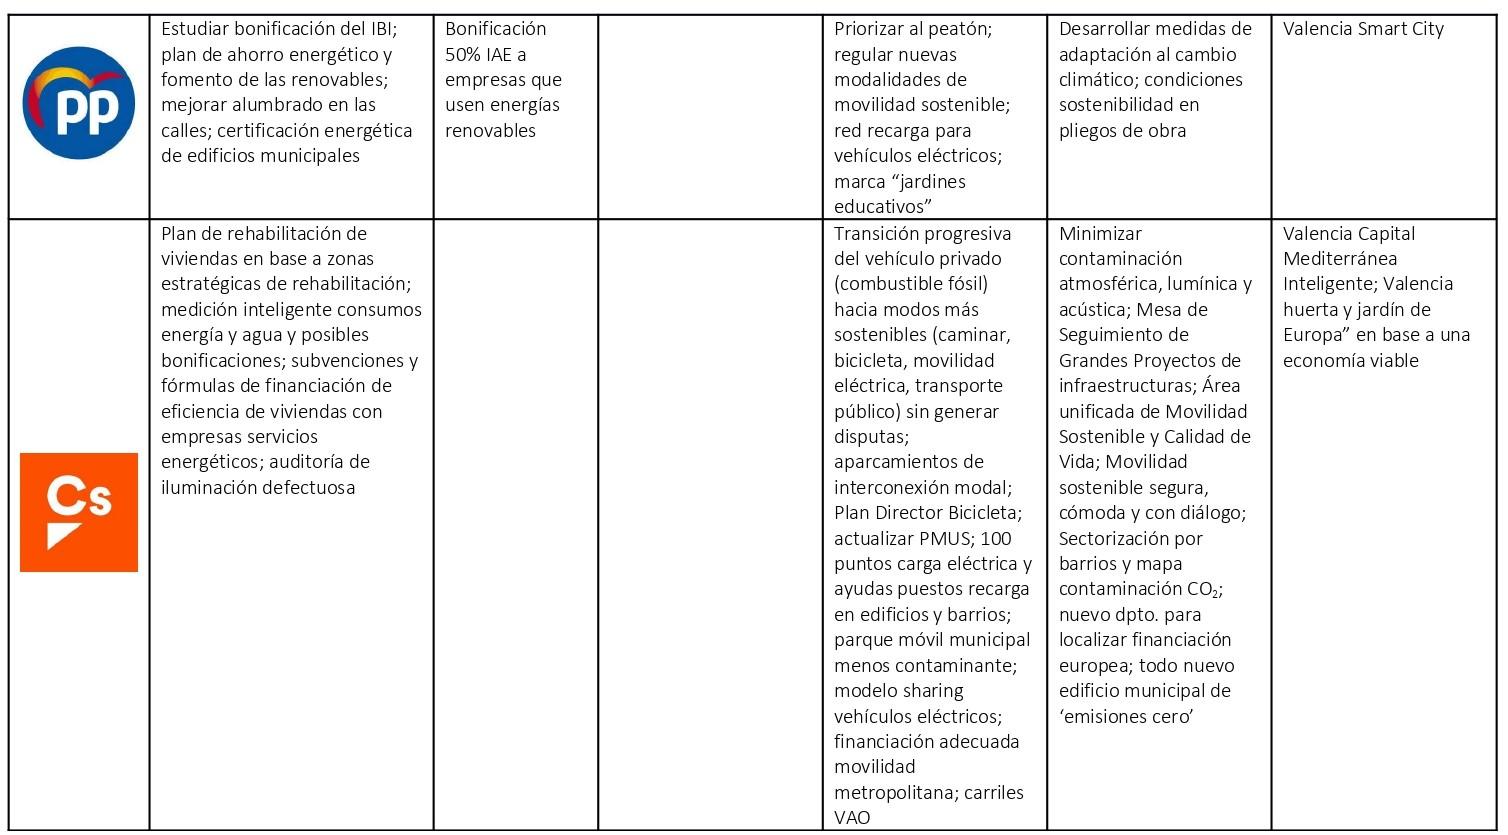 Contraste_Programas_Electorales_Municipales_201913811_page-0002 (3)